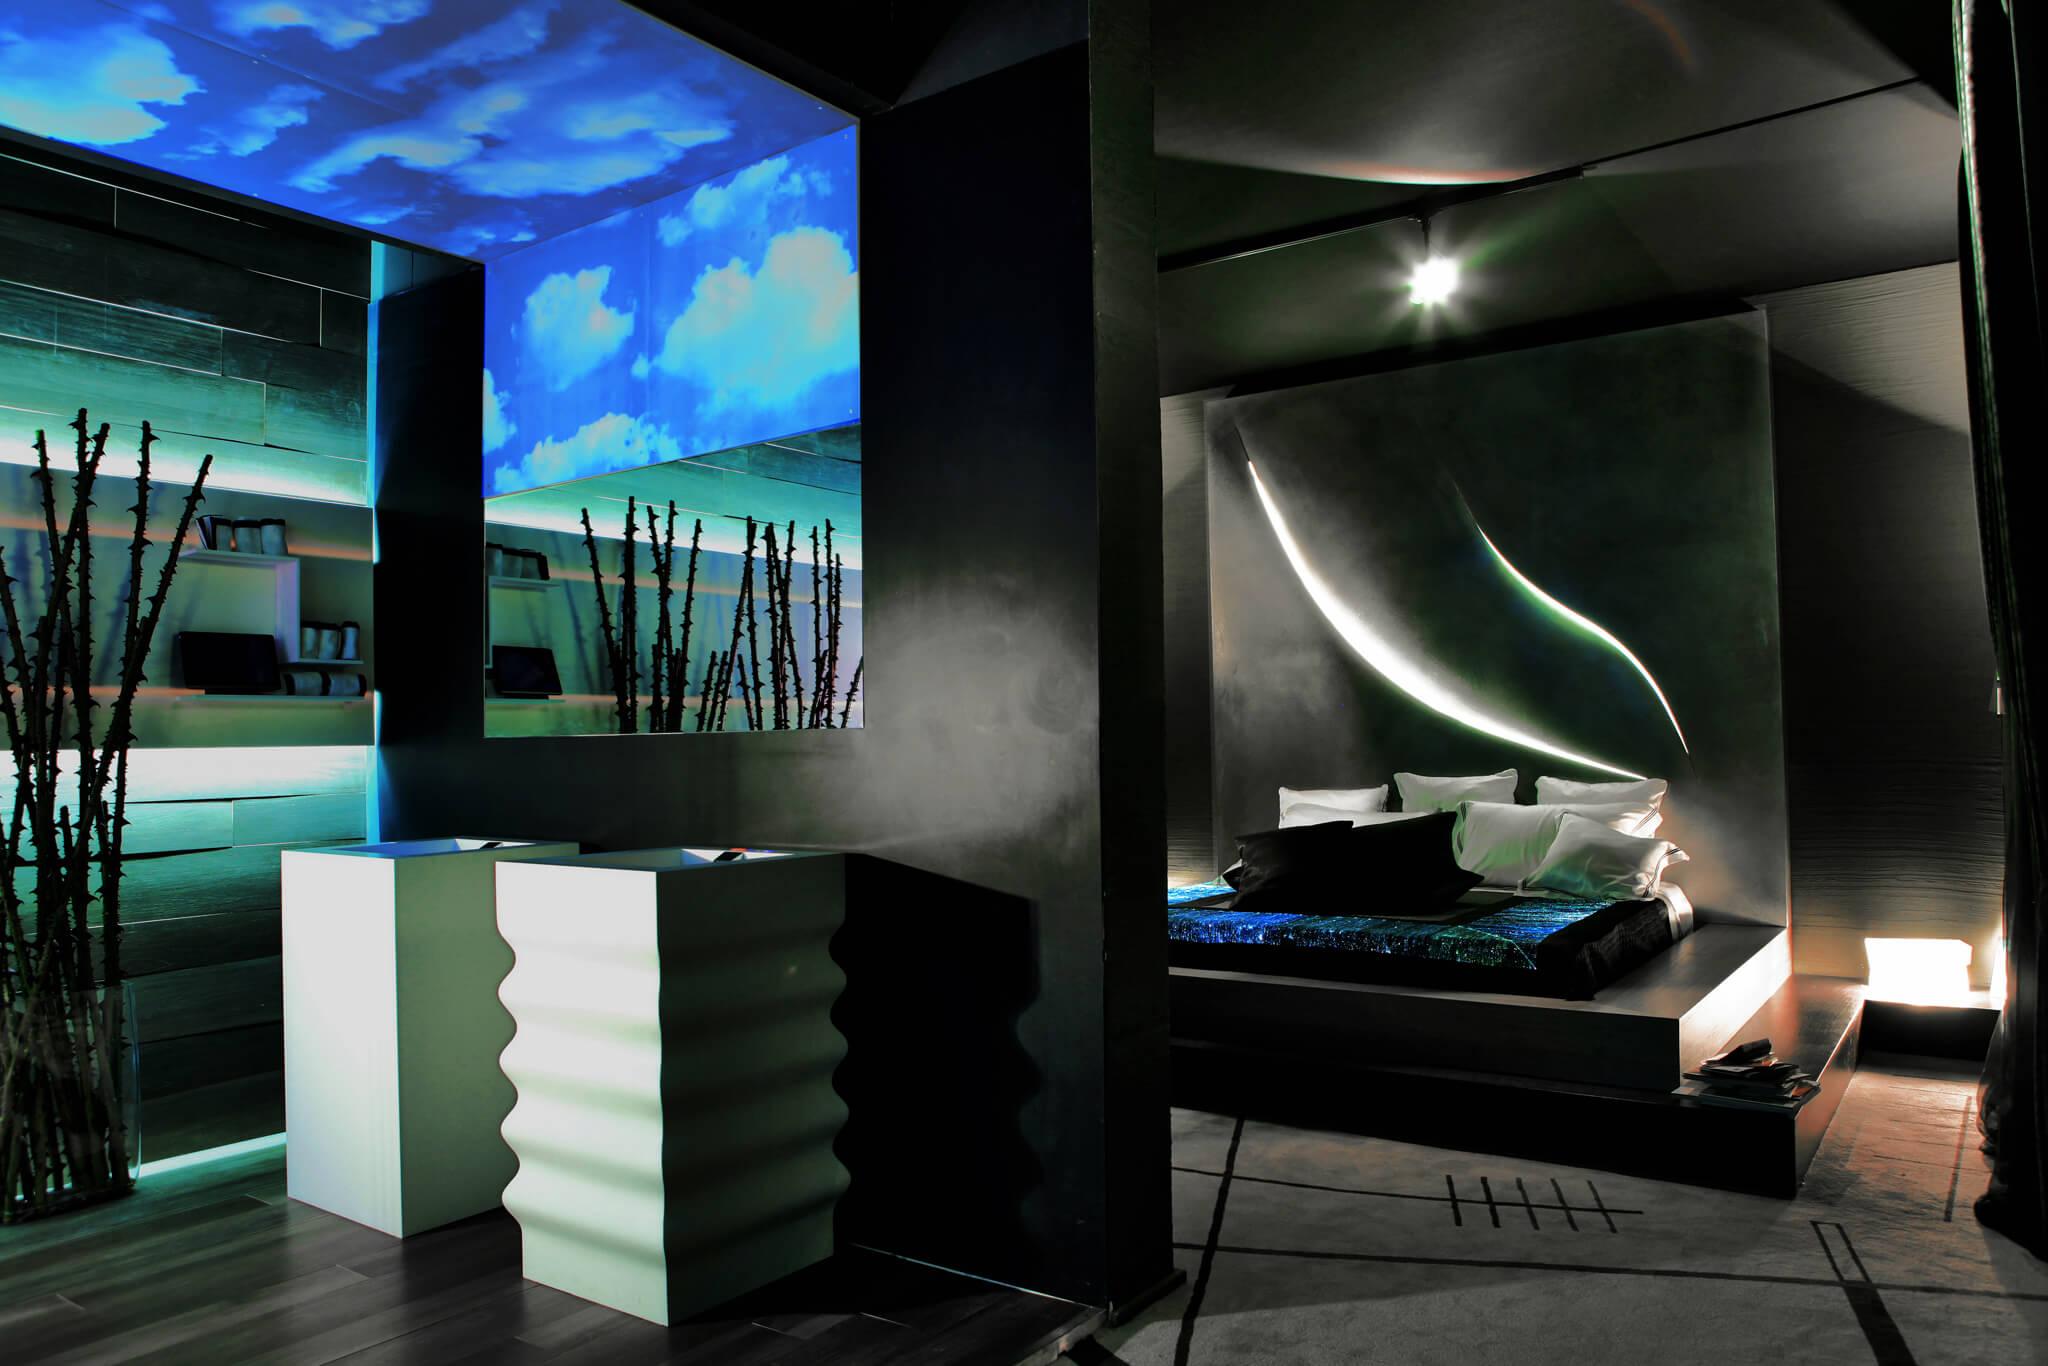 Zu Hause oder im Hotel, XXL- oder Mini-Bad – mit dem richtigen Lichtkonzept sorgt das Badezimmer für den Frischekick am Morgen.